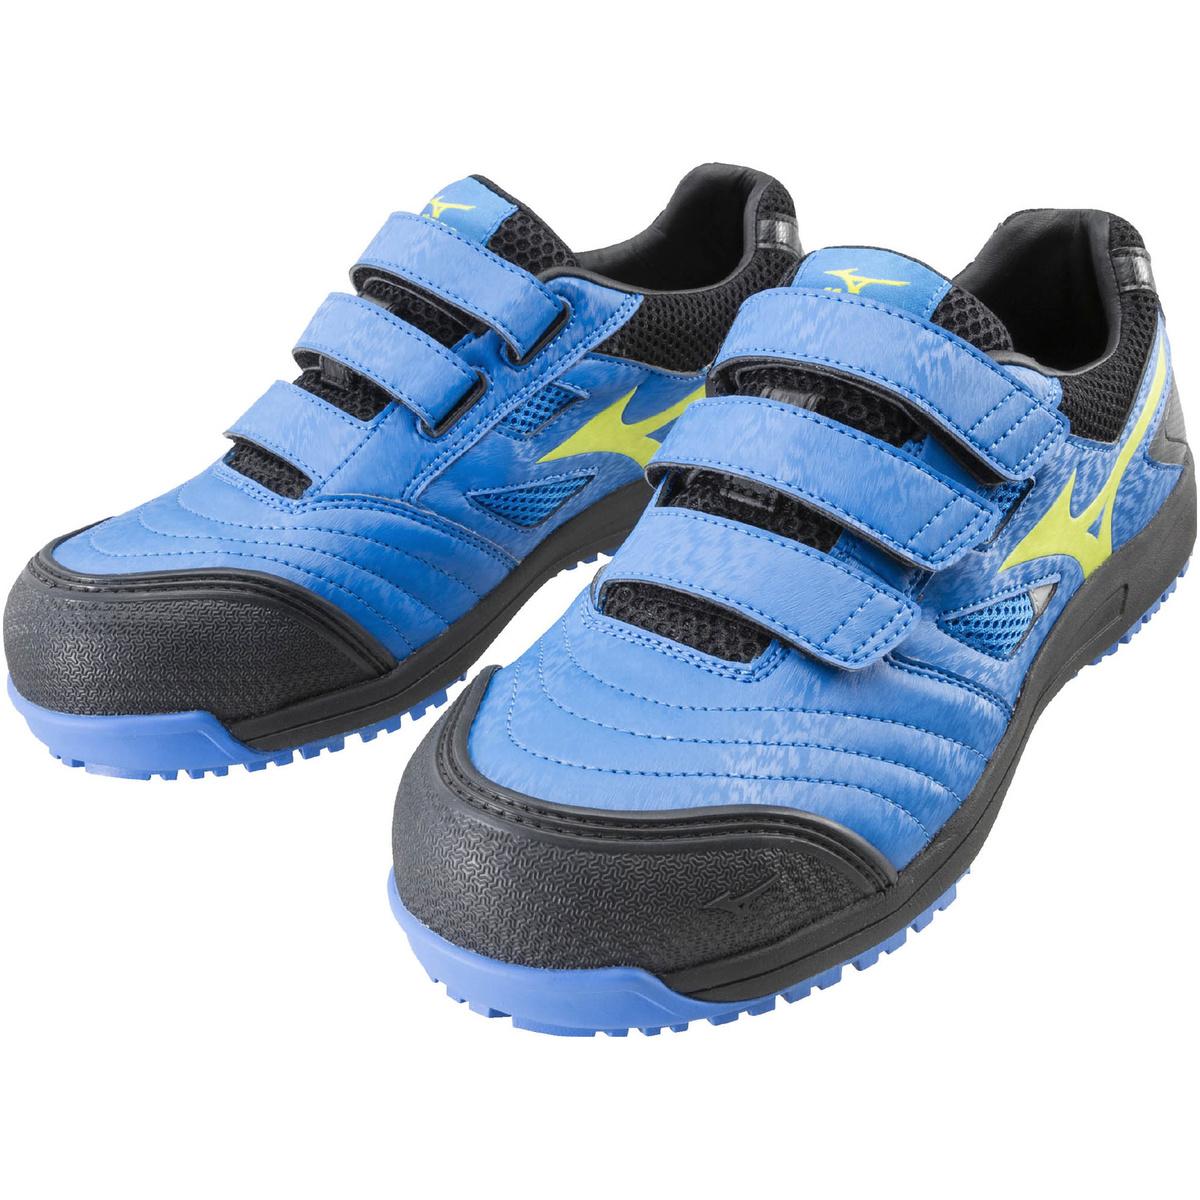 ミズノ オールマイティFF 27ブルー×イエロー×ブラック C1GA180127 安全靴 ワークシューズ C1GA1801